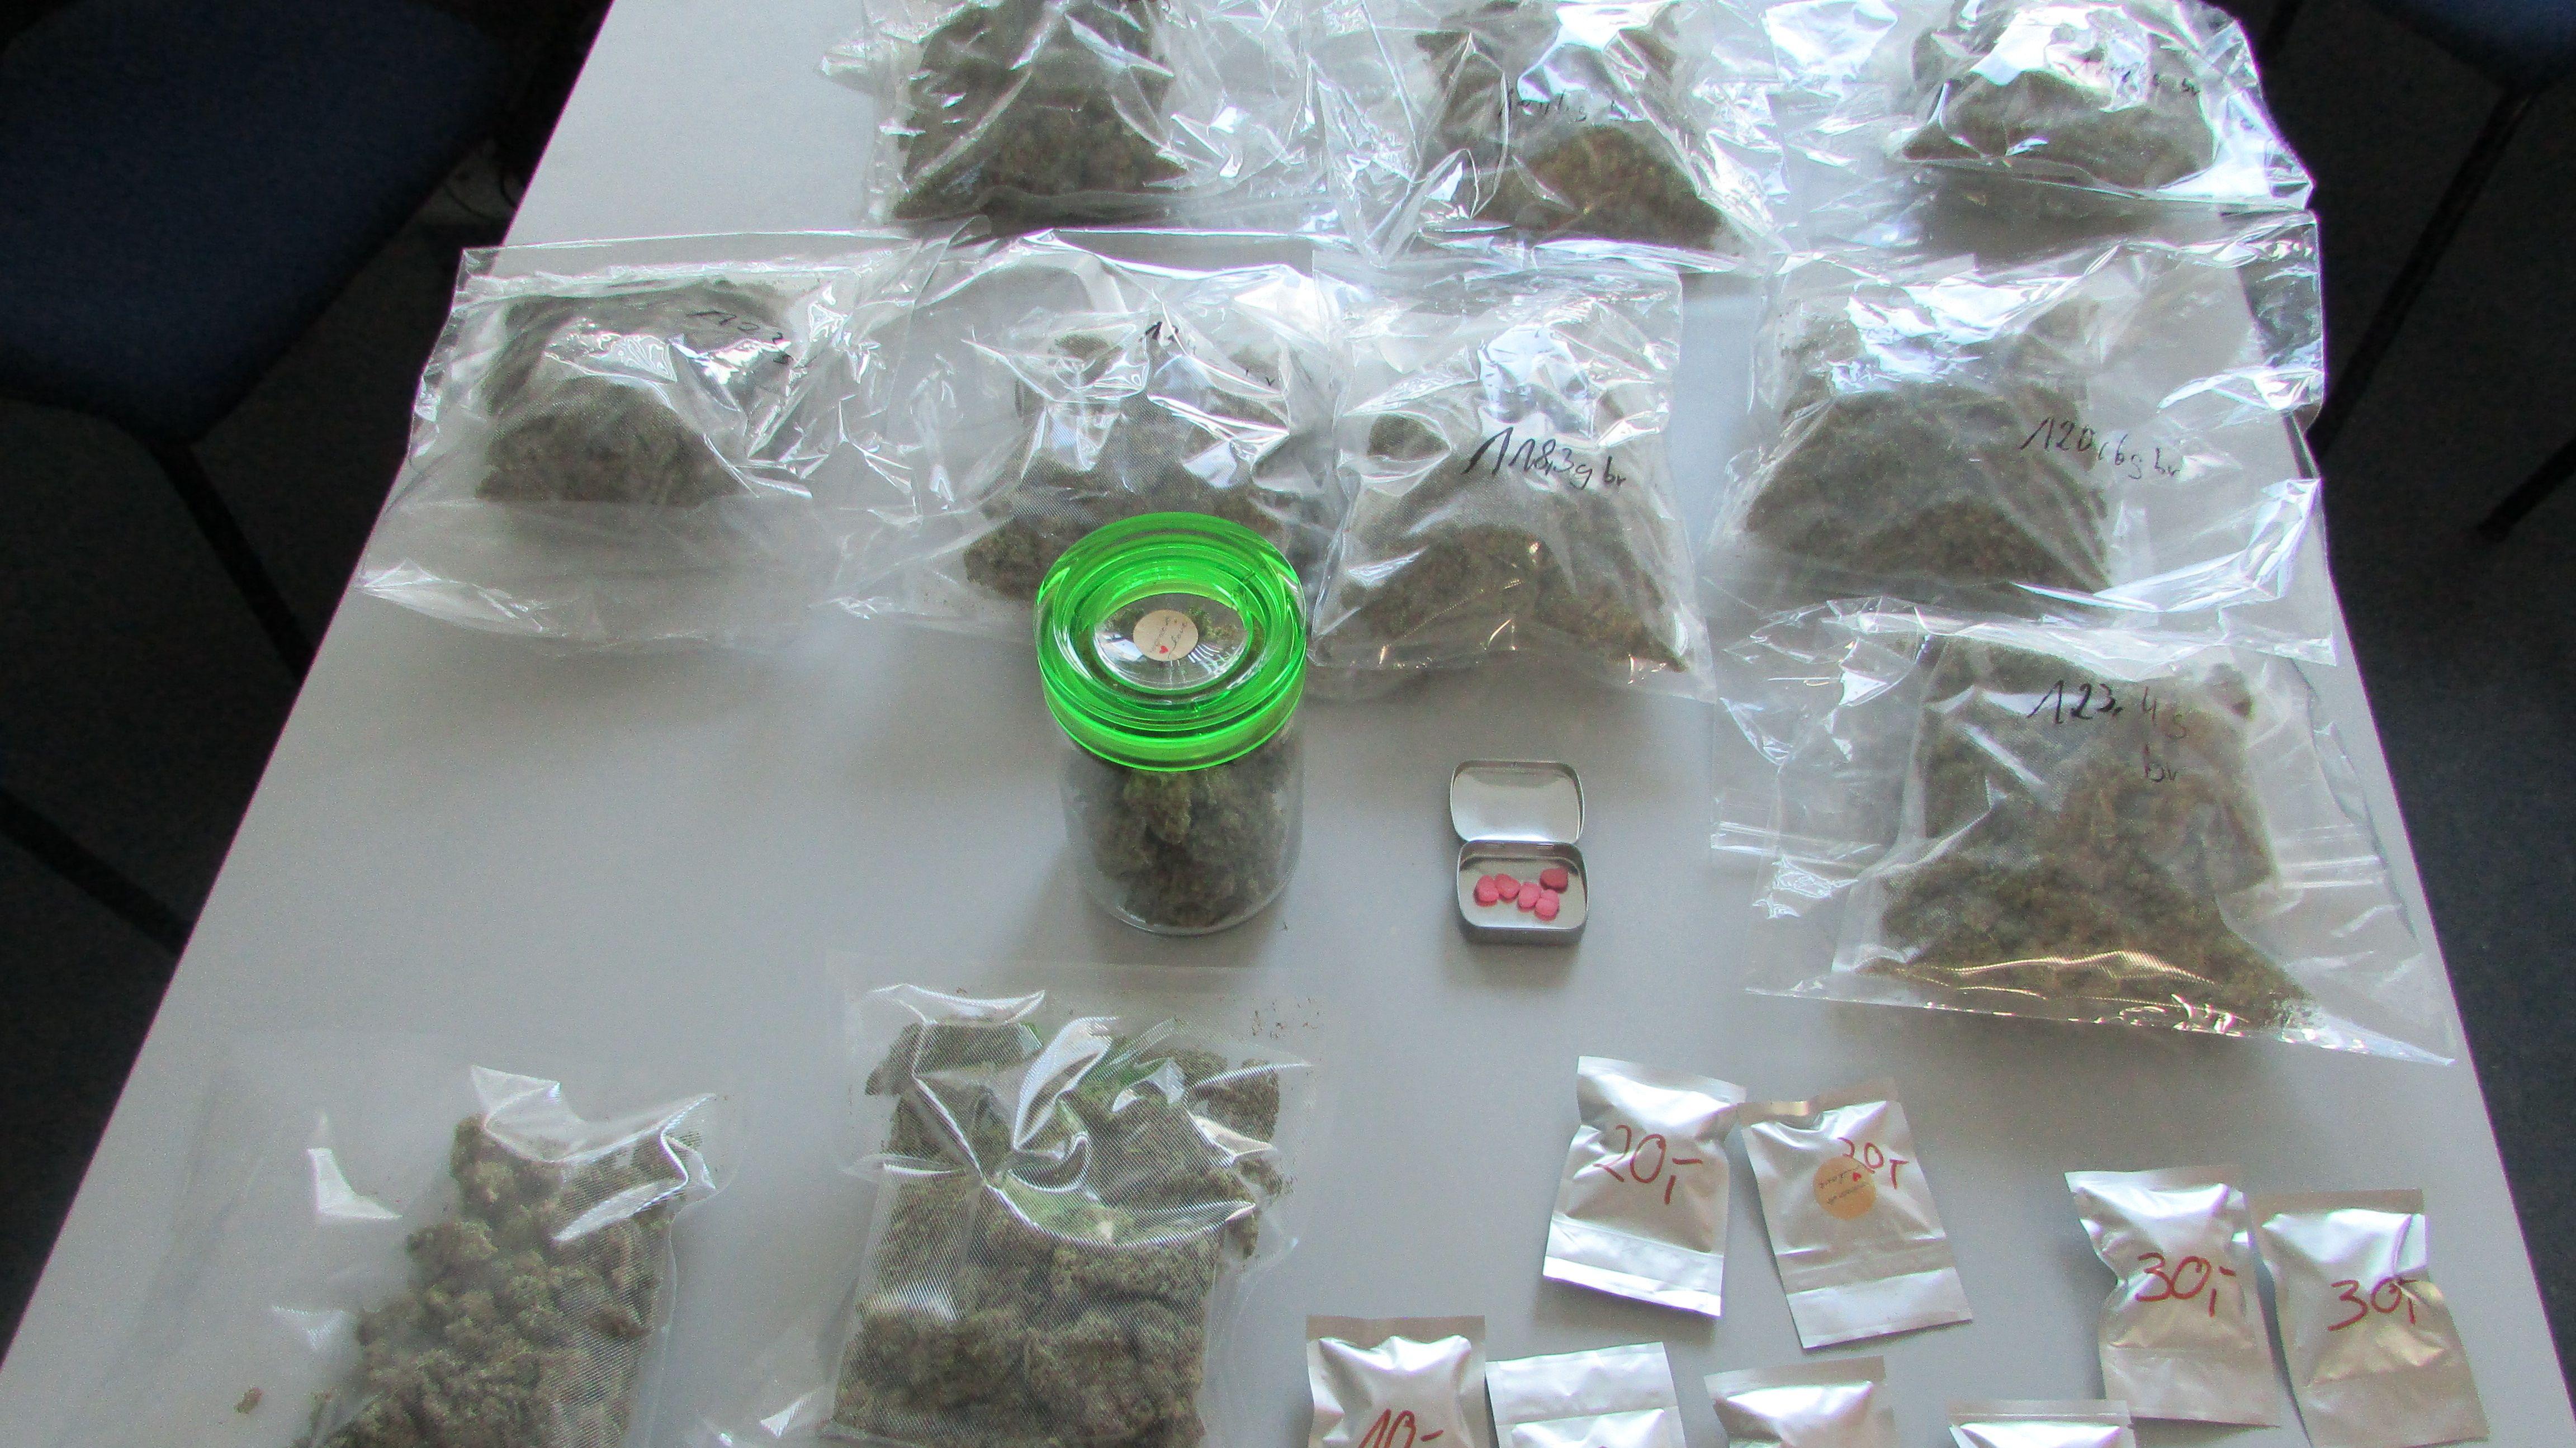 Abgepackte Drogenpäckchen - vermutlich für den Verkauf bestimmt